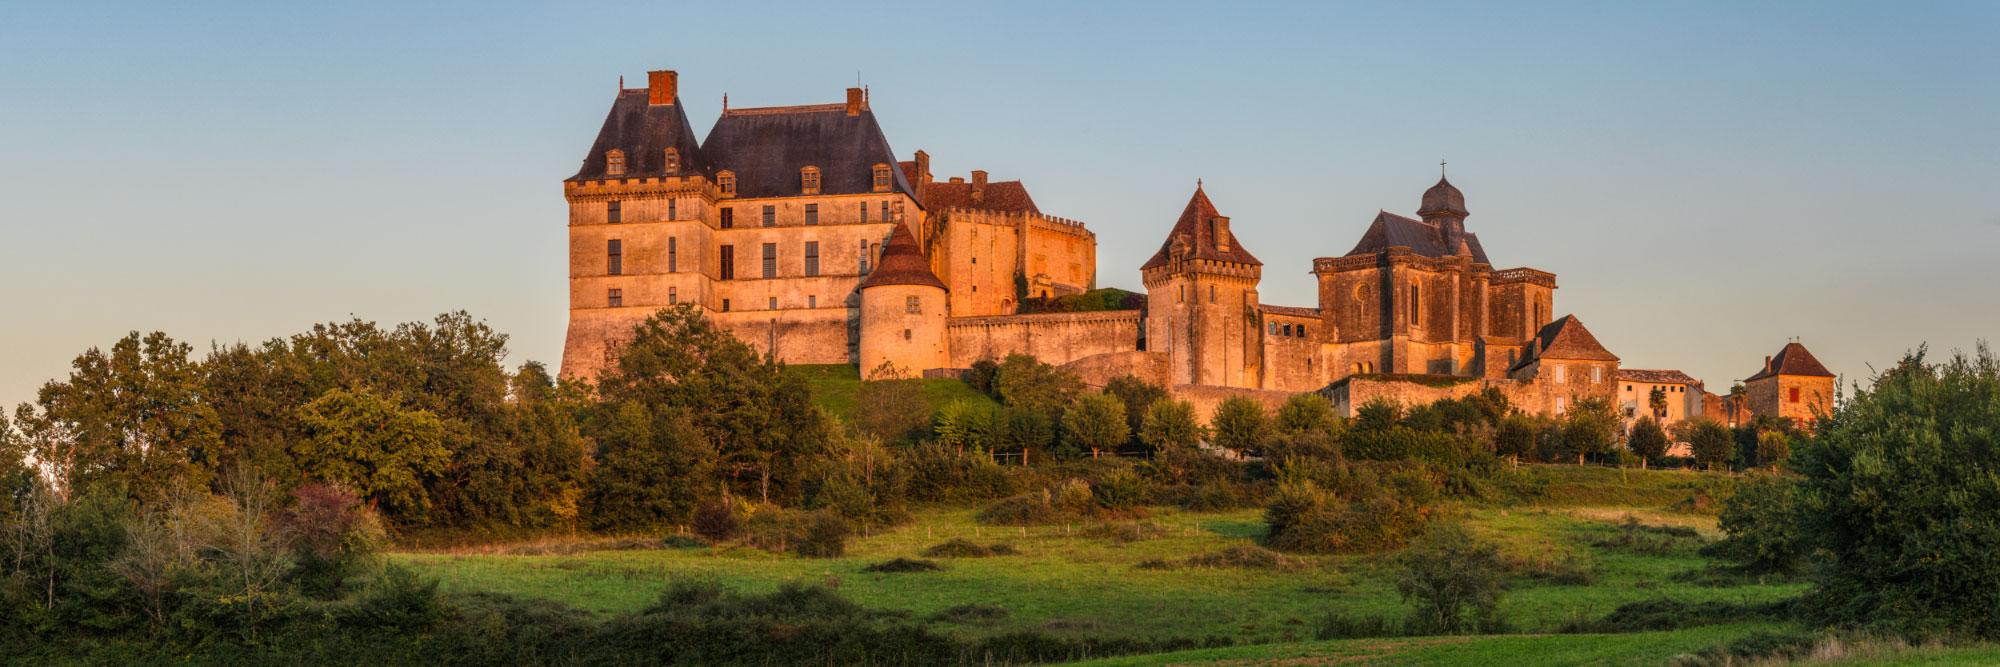 Le château de Biron, Périgord